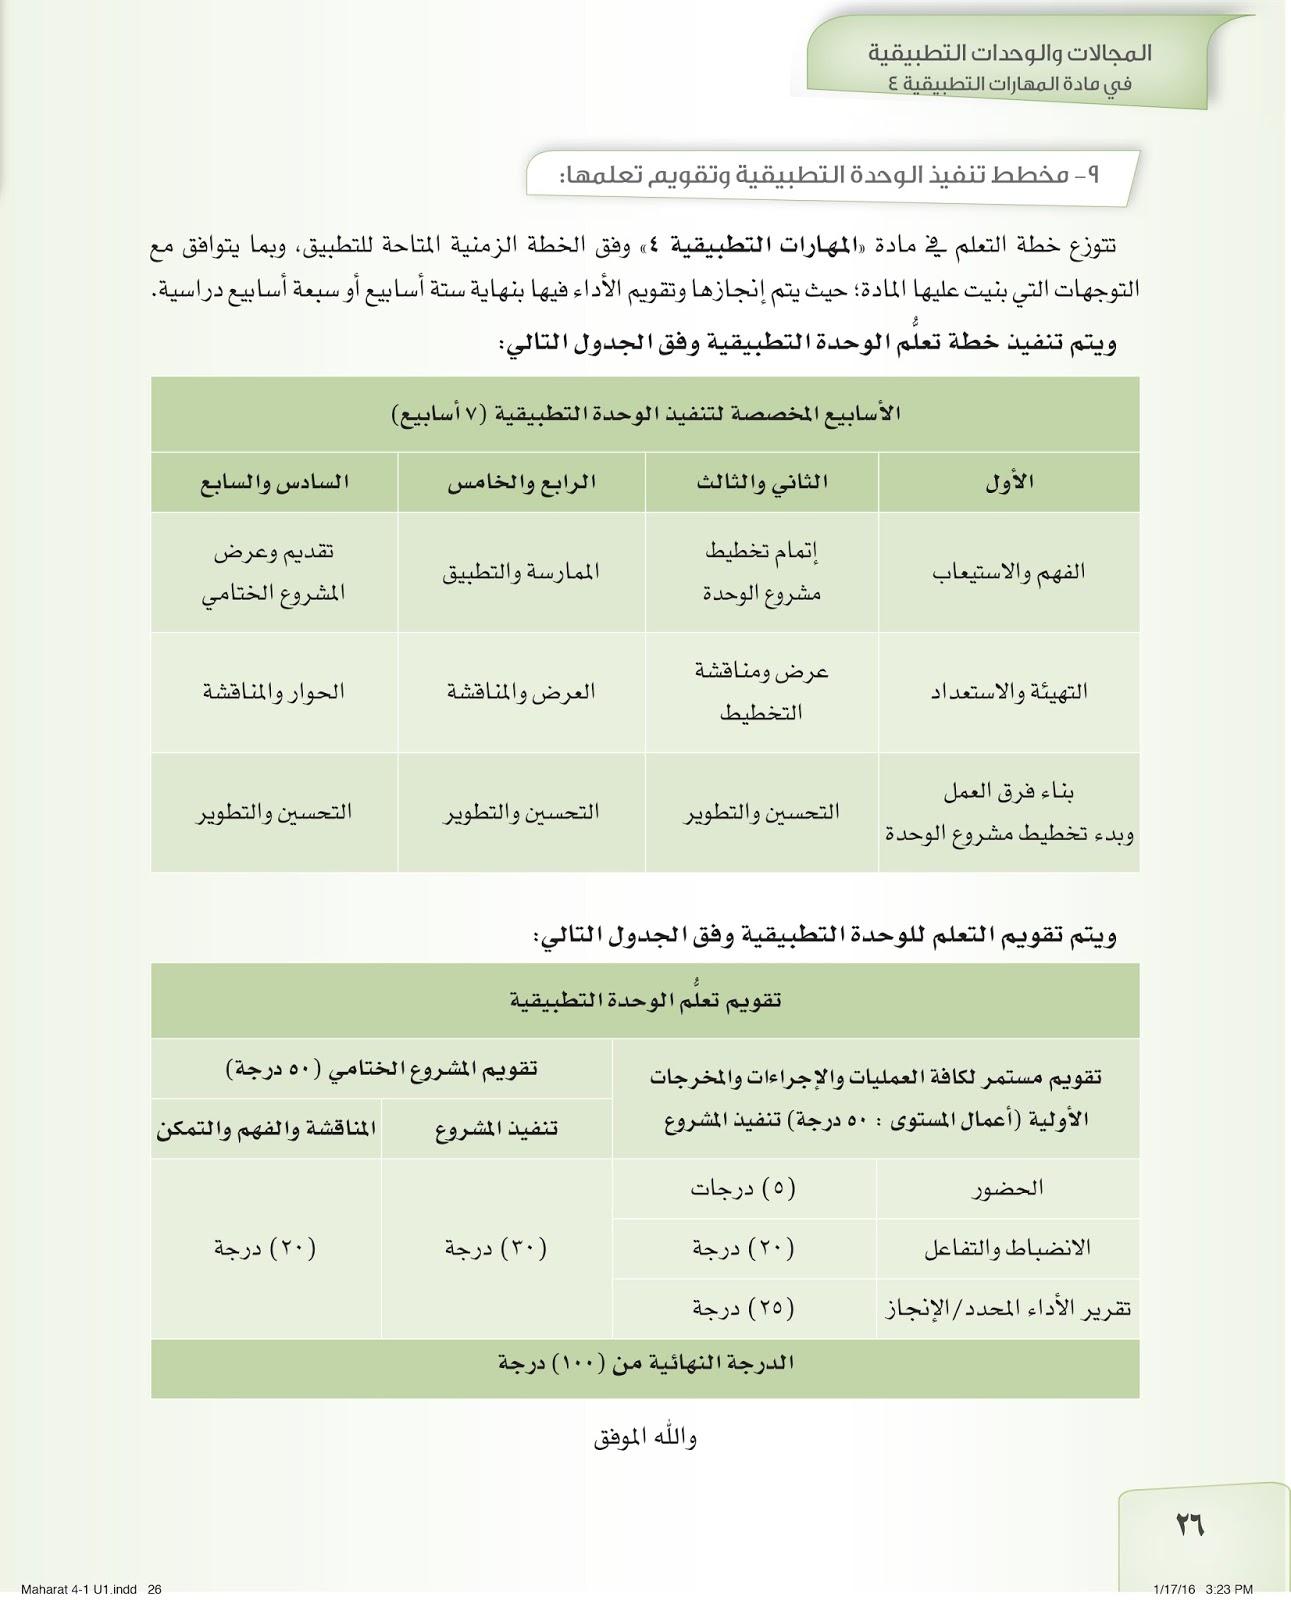 المهارات التطبيقية للمستوى الرابع طلاب المستوى الرابع مادة المهارات التطبيقية الأسبوع الأول الثاني